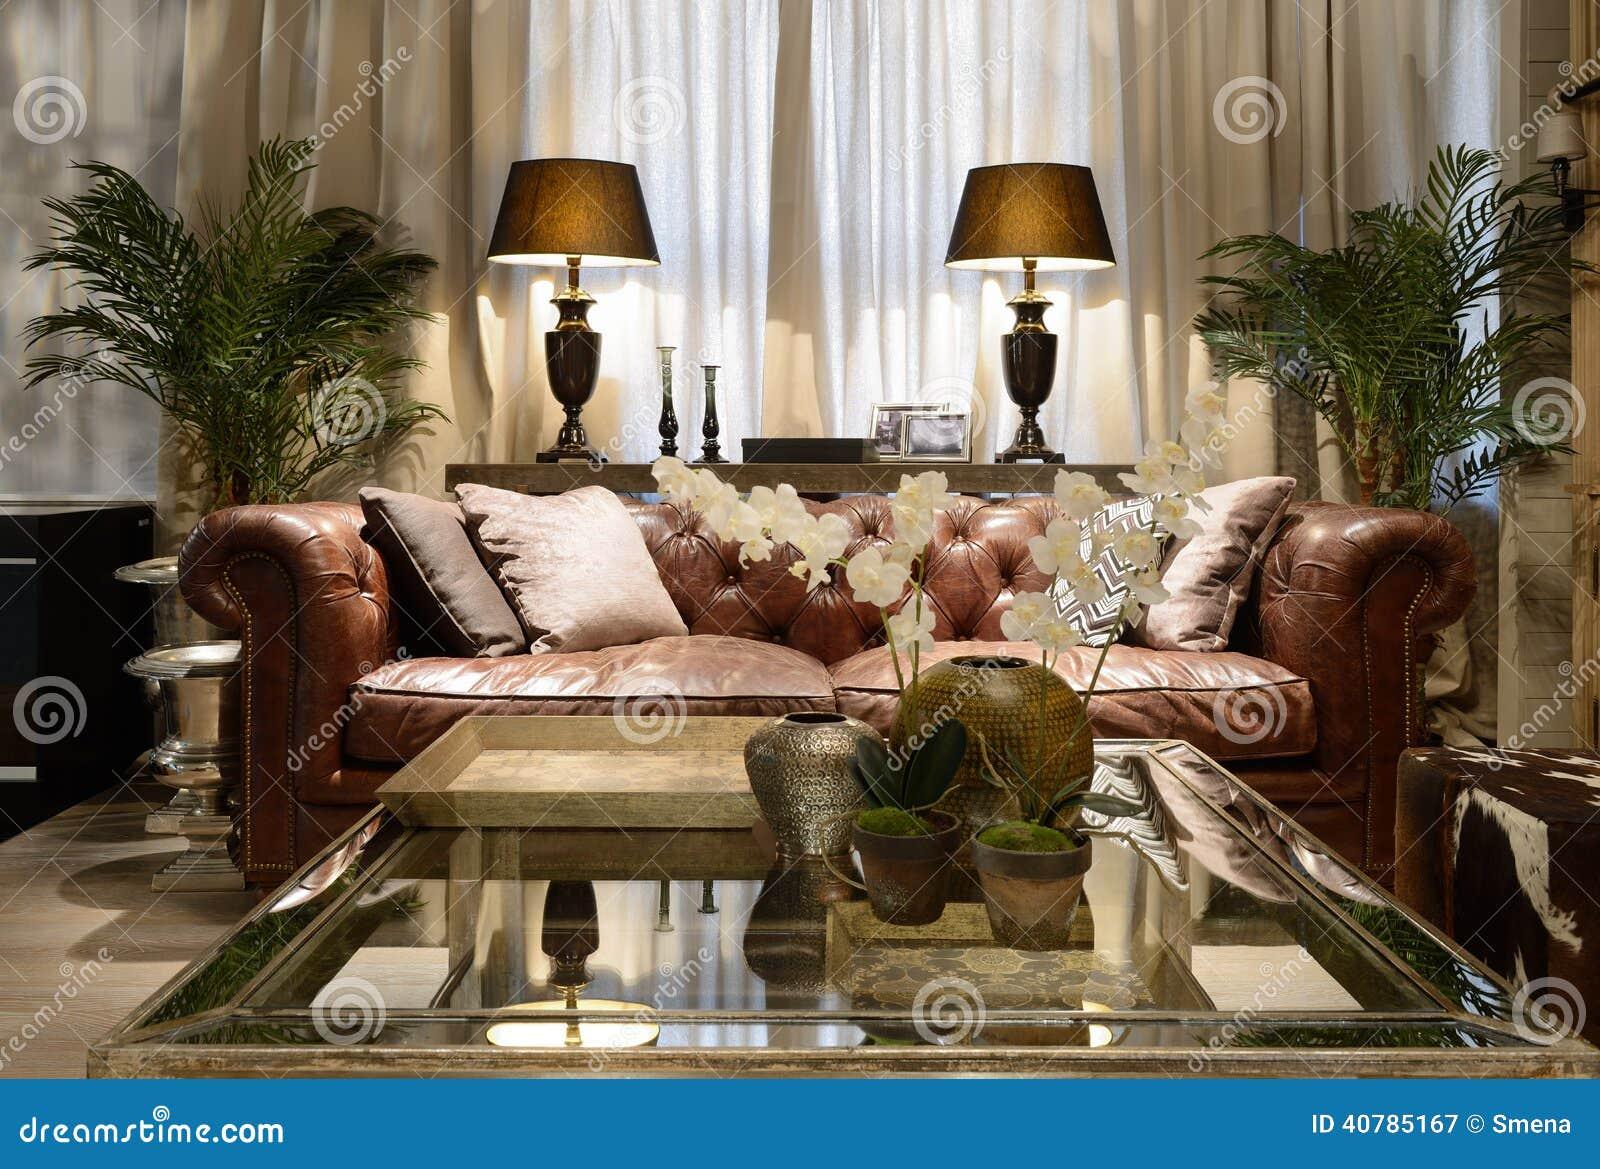 Innenraum eines Luxuswohnzimmers